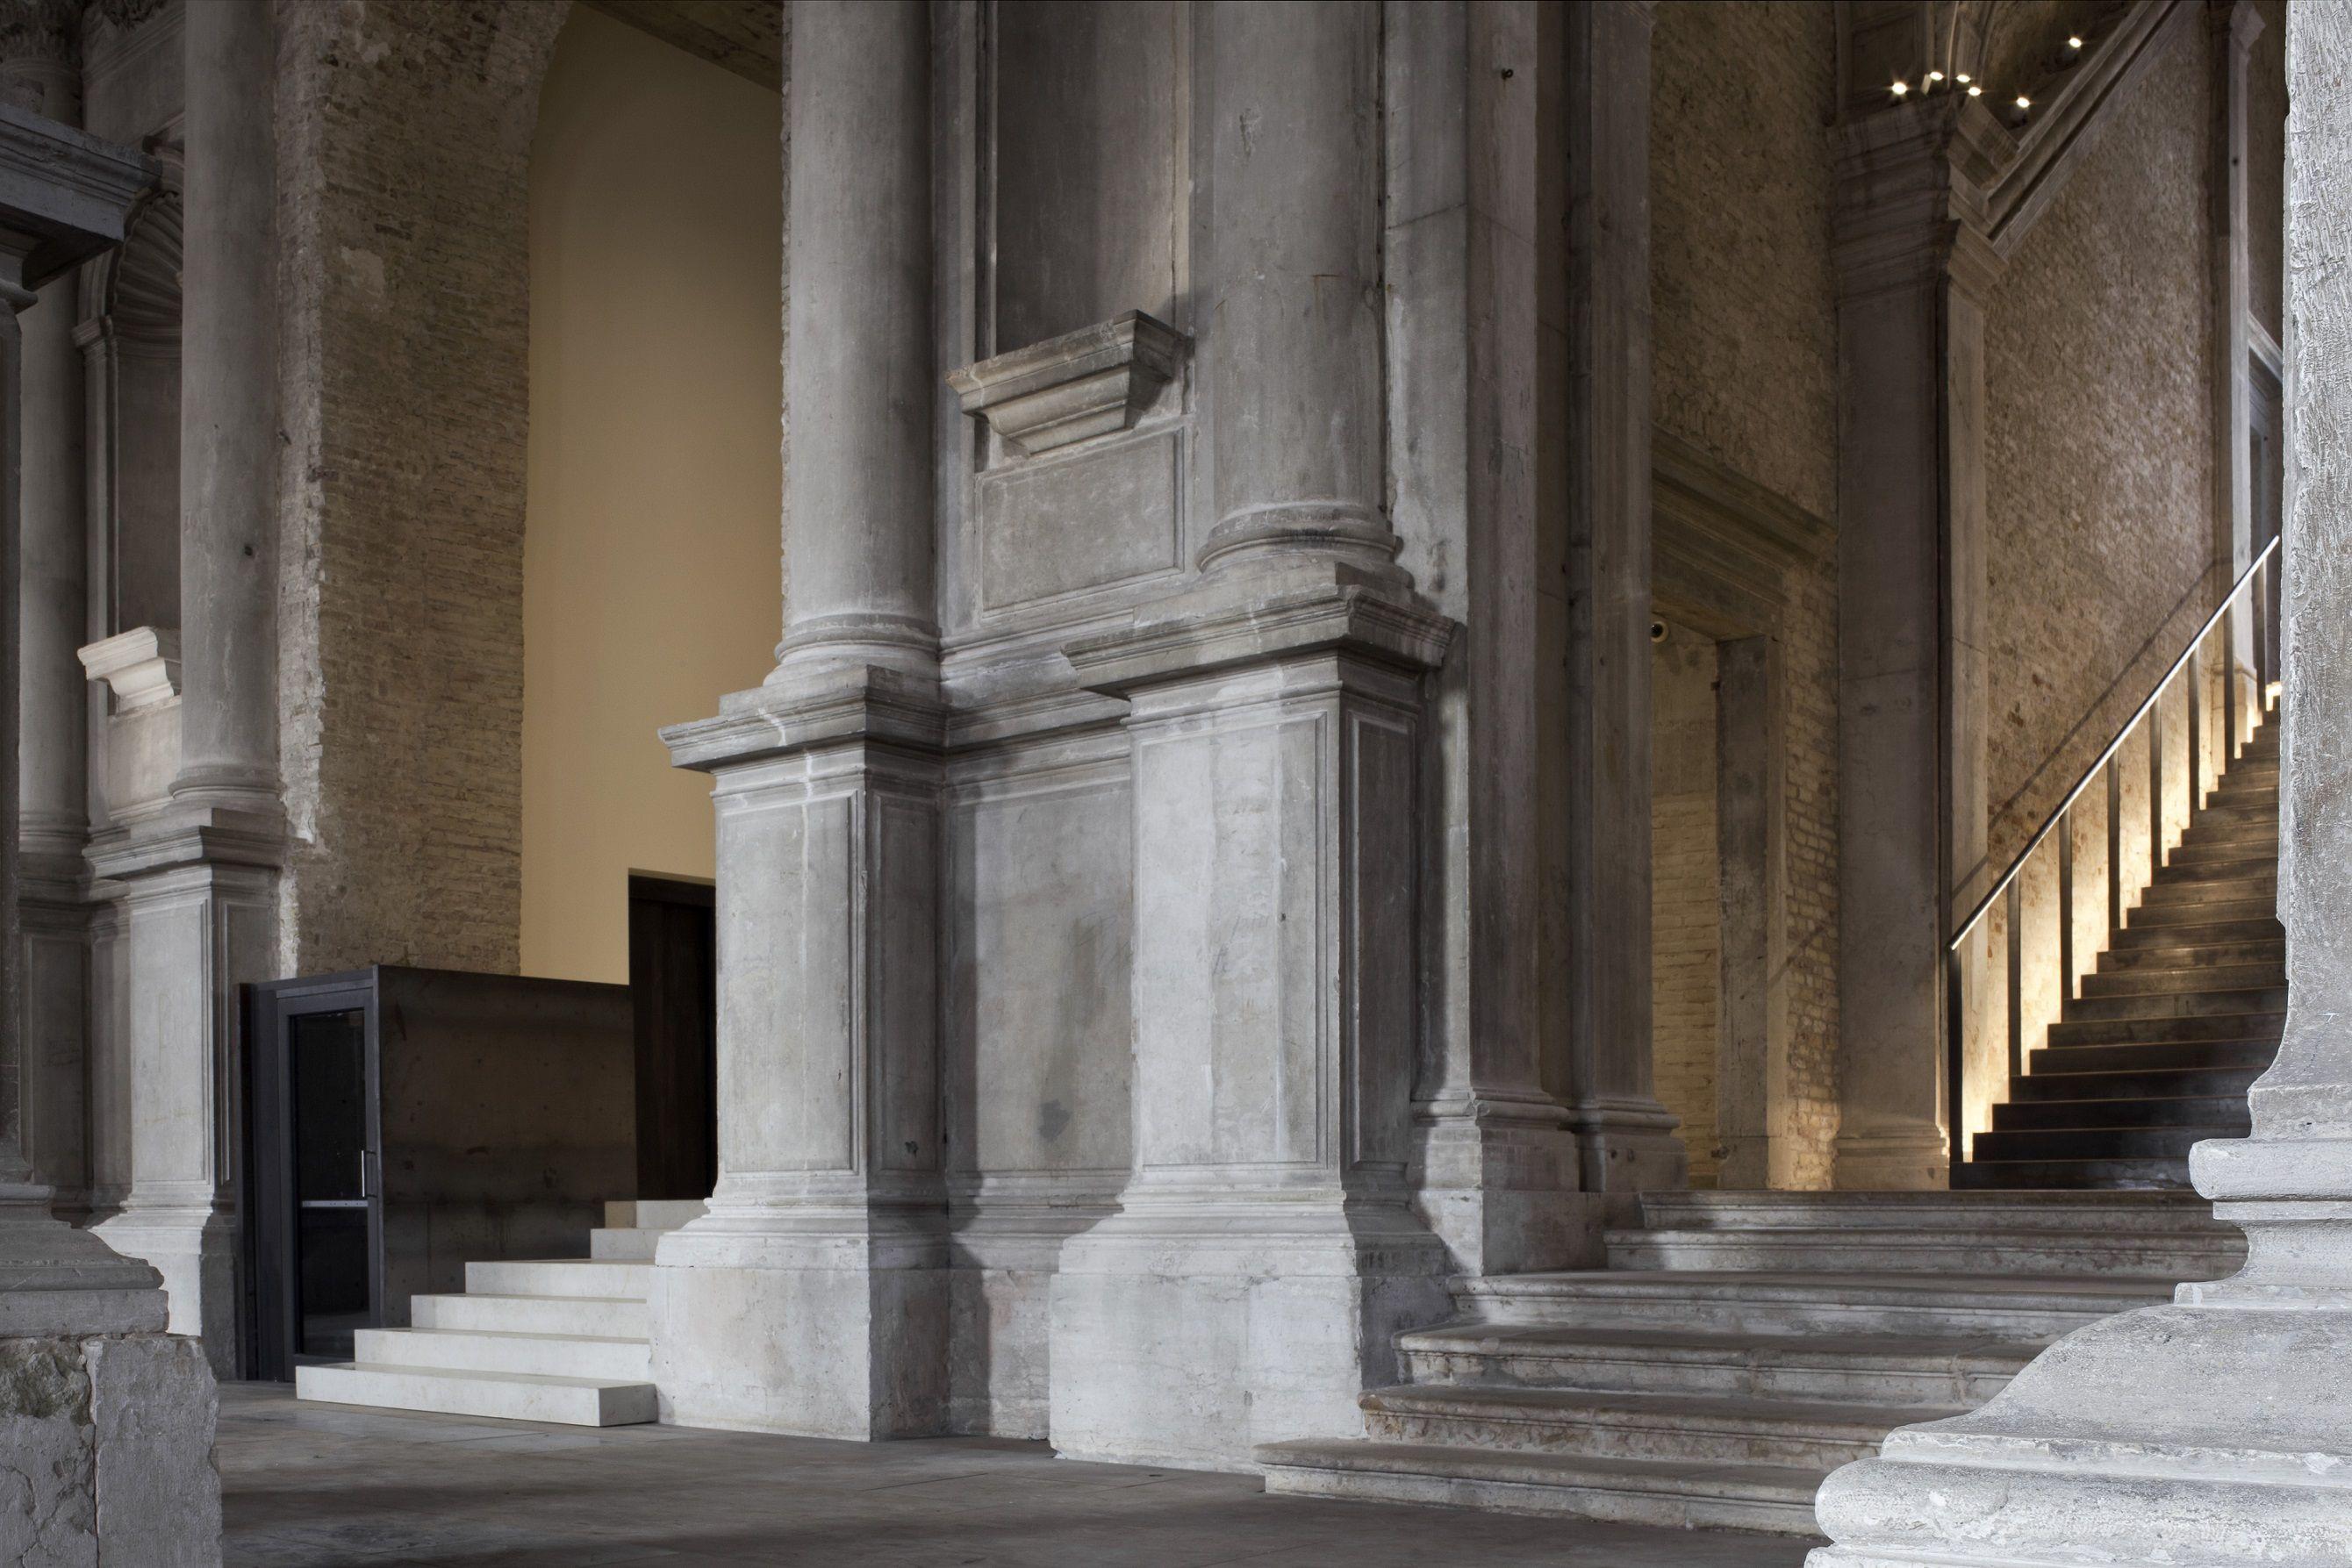 Scuola Grande della Misericordia - Venice, Italy – Customer: Scuola ...